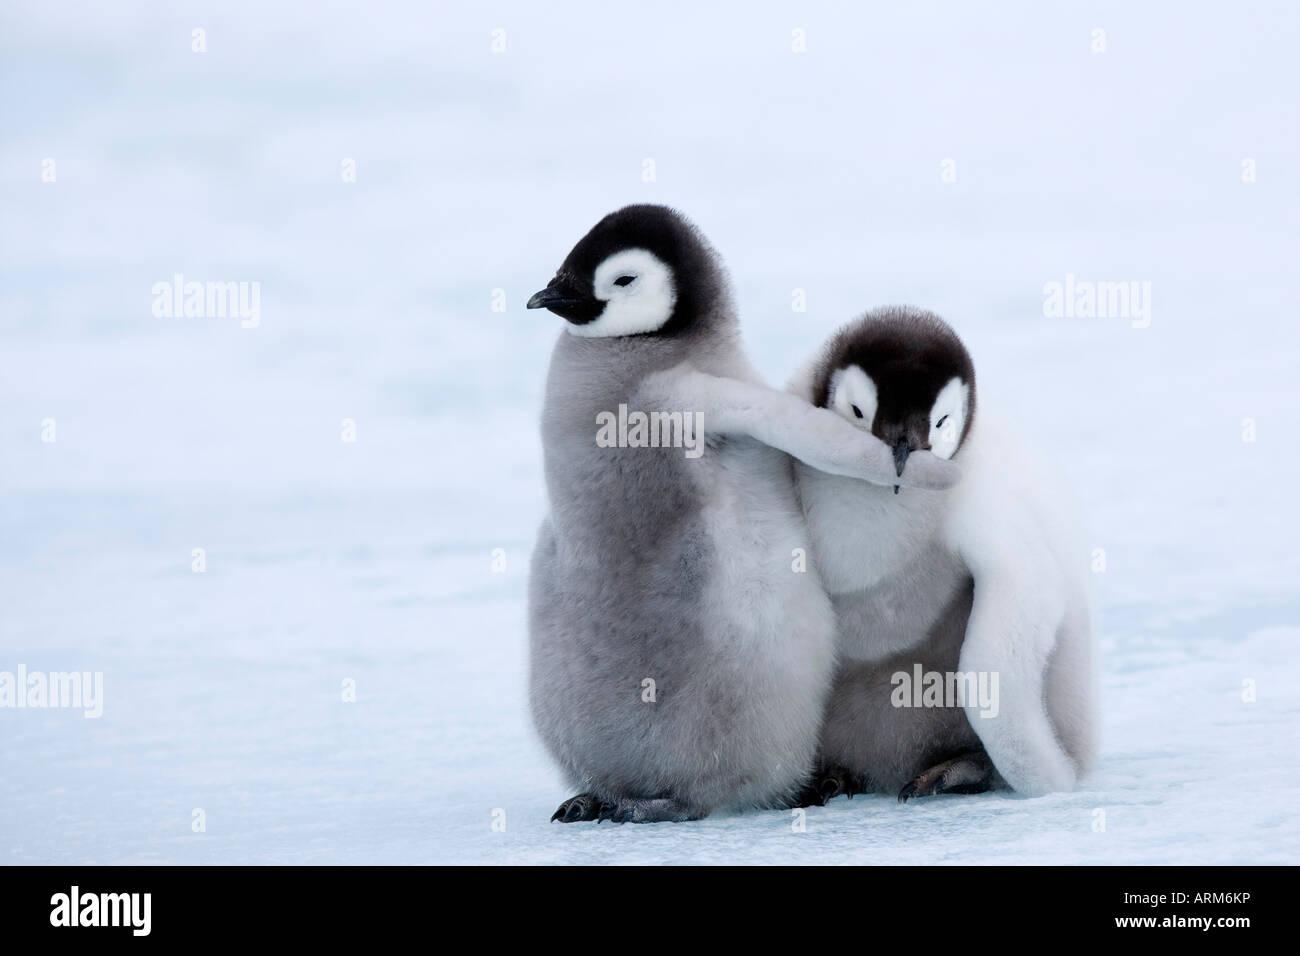 Los polluelos de pingüino emperador (Aptenodytes forsteri), la isla Snow Hill, Mar de Weddell, en la Antártida, Imagen De Stock